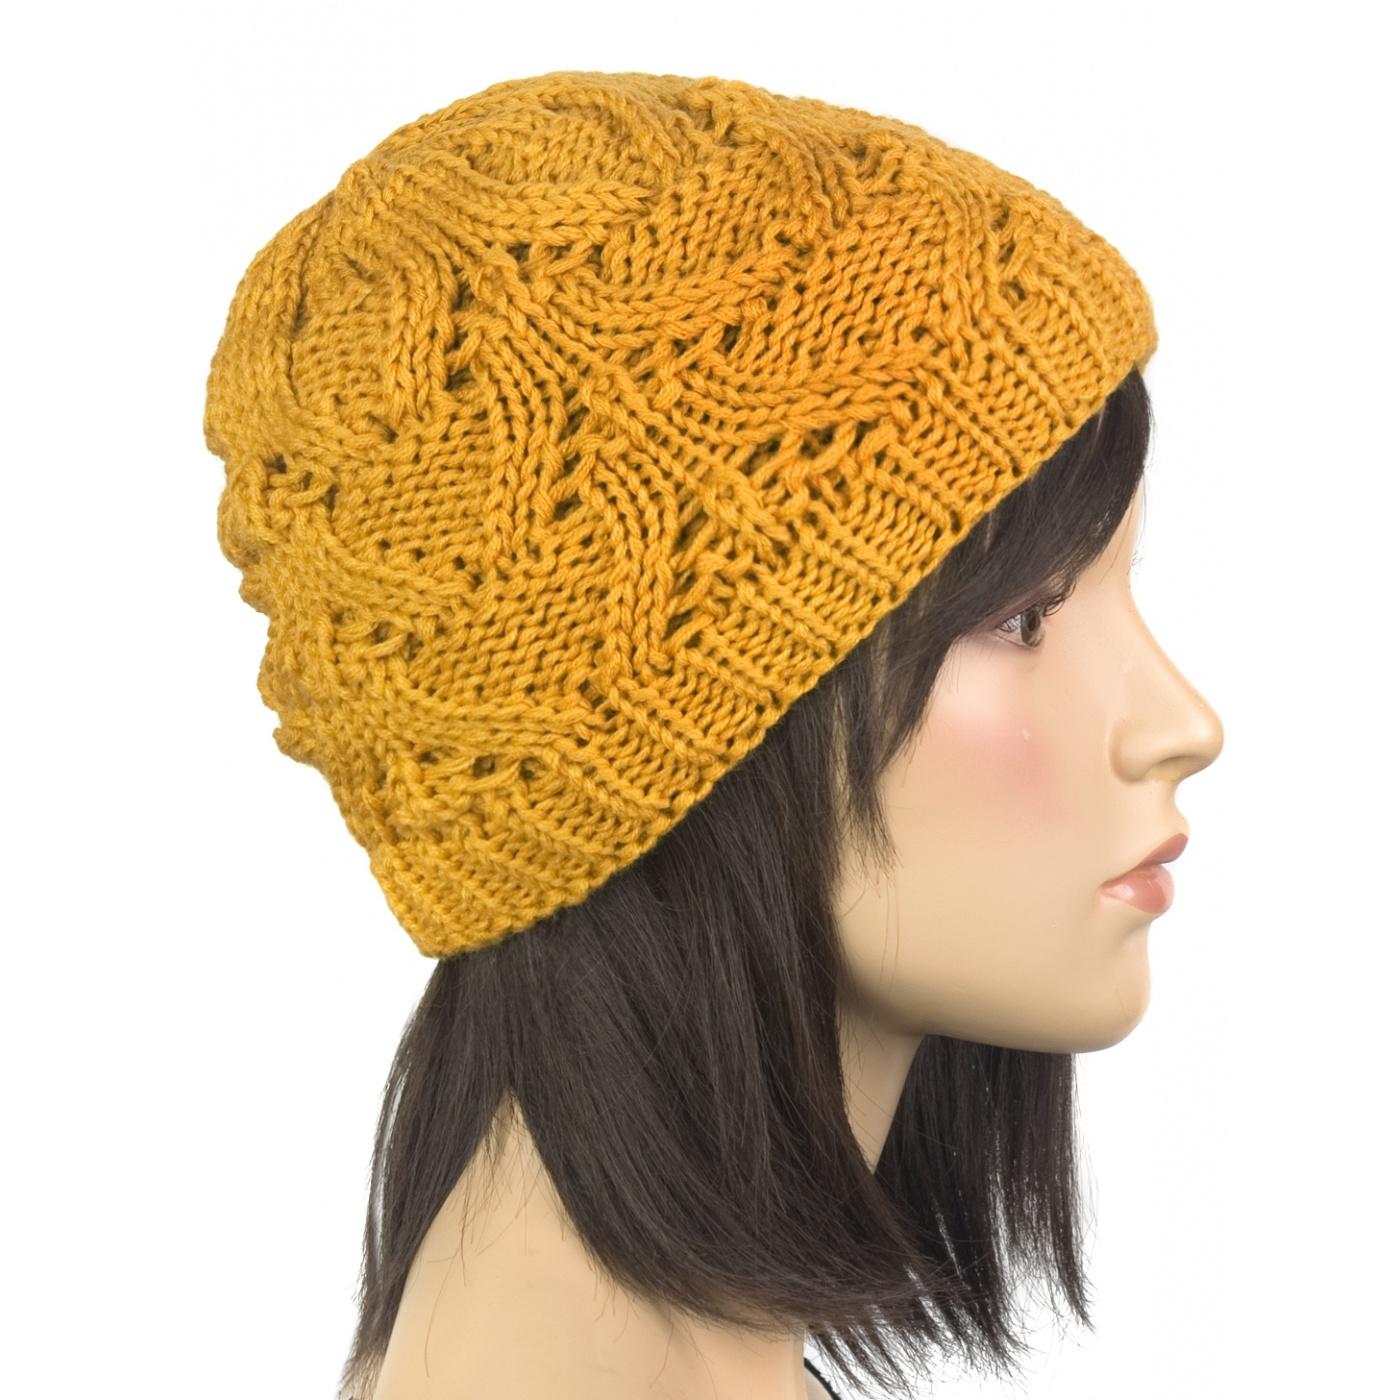 Klasyczna zimowa czapka damska z ażurowym splotem: musztardowa